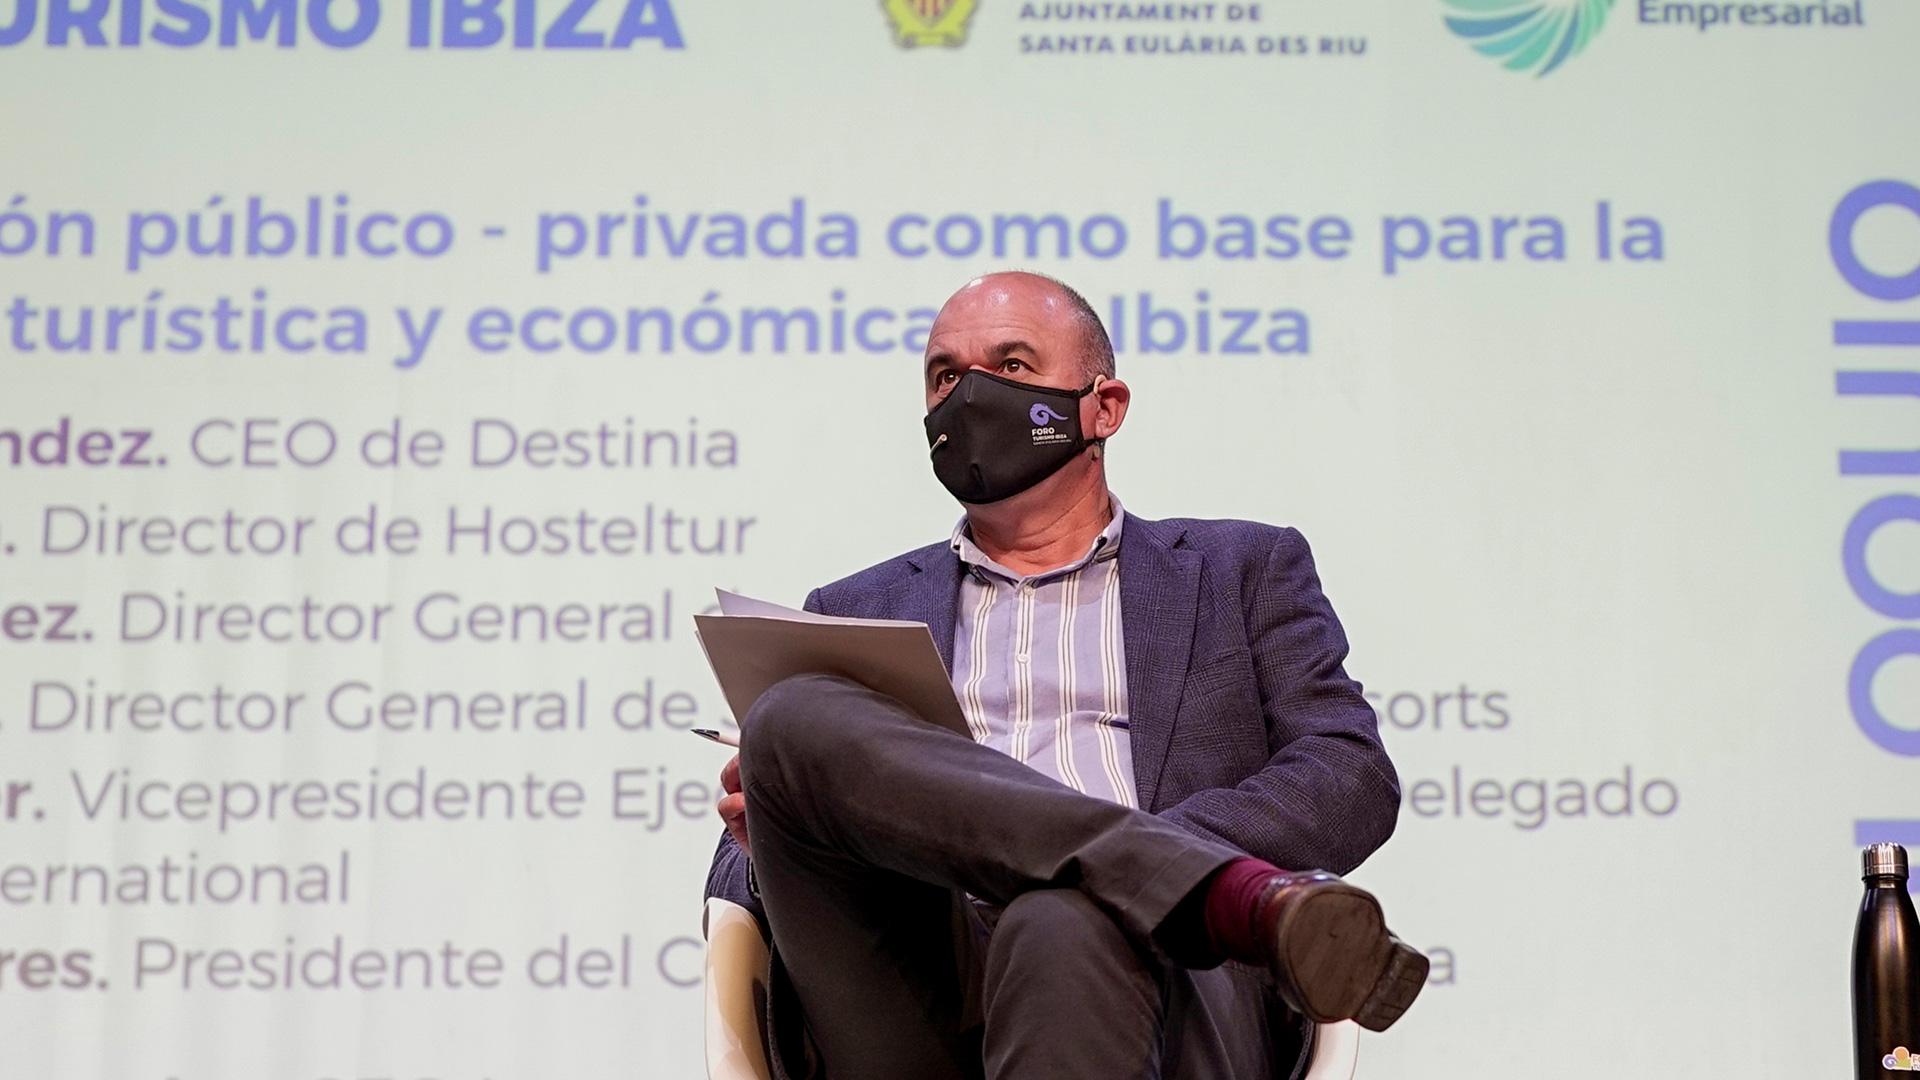 VII Foro Turismo Ibiza - Imam Comunicación